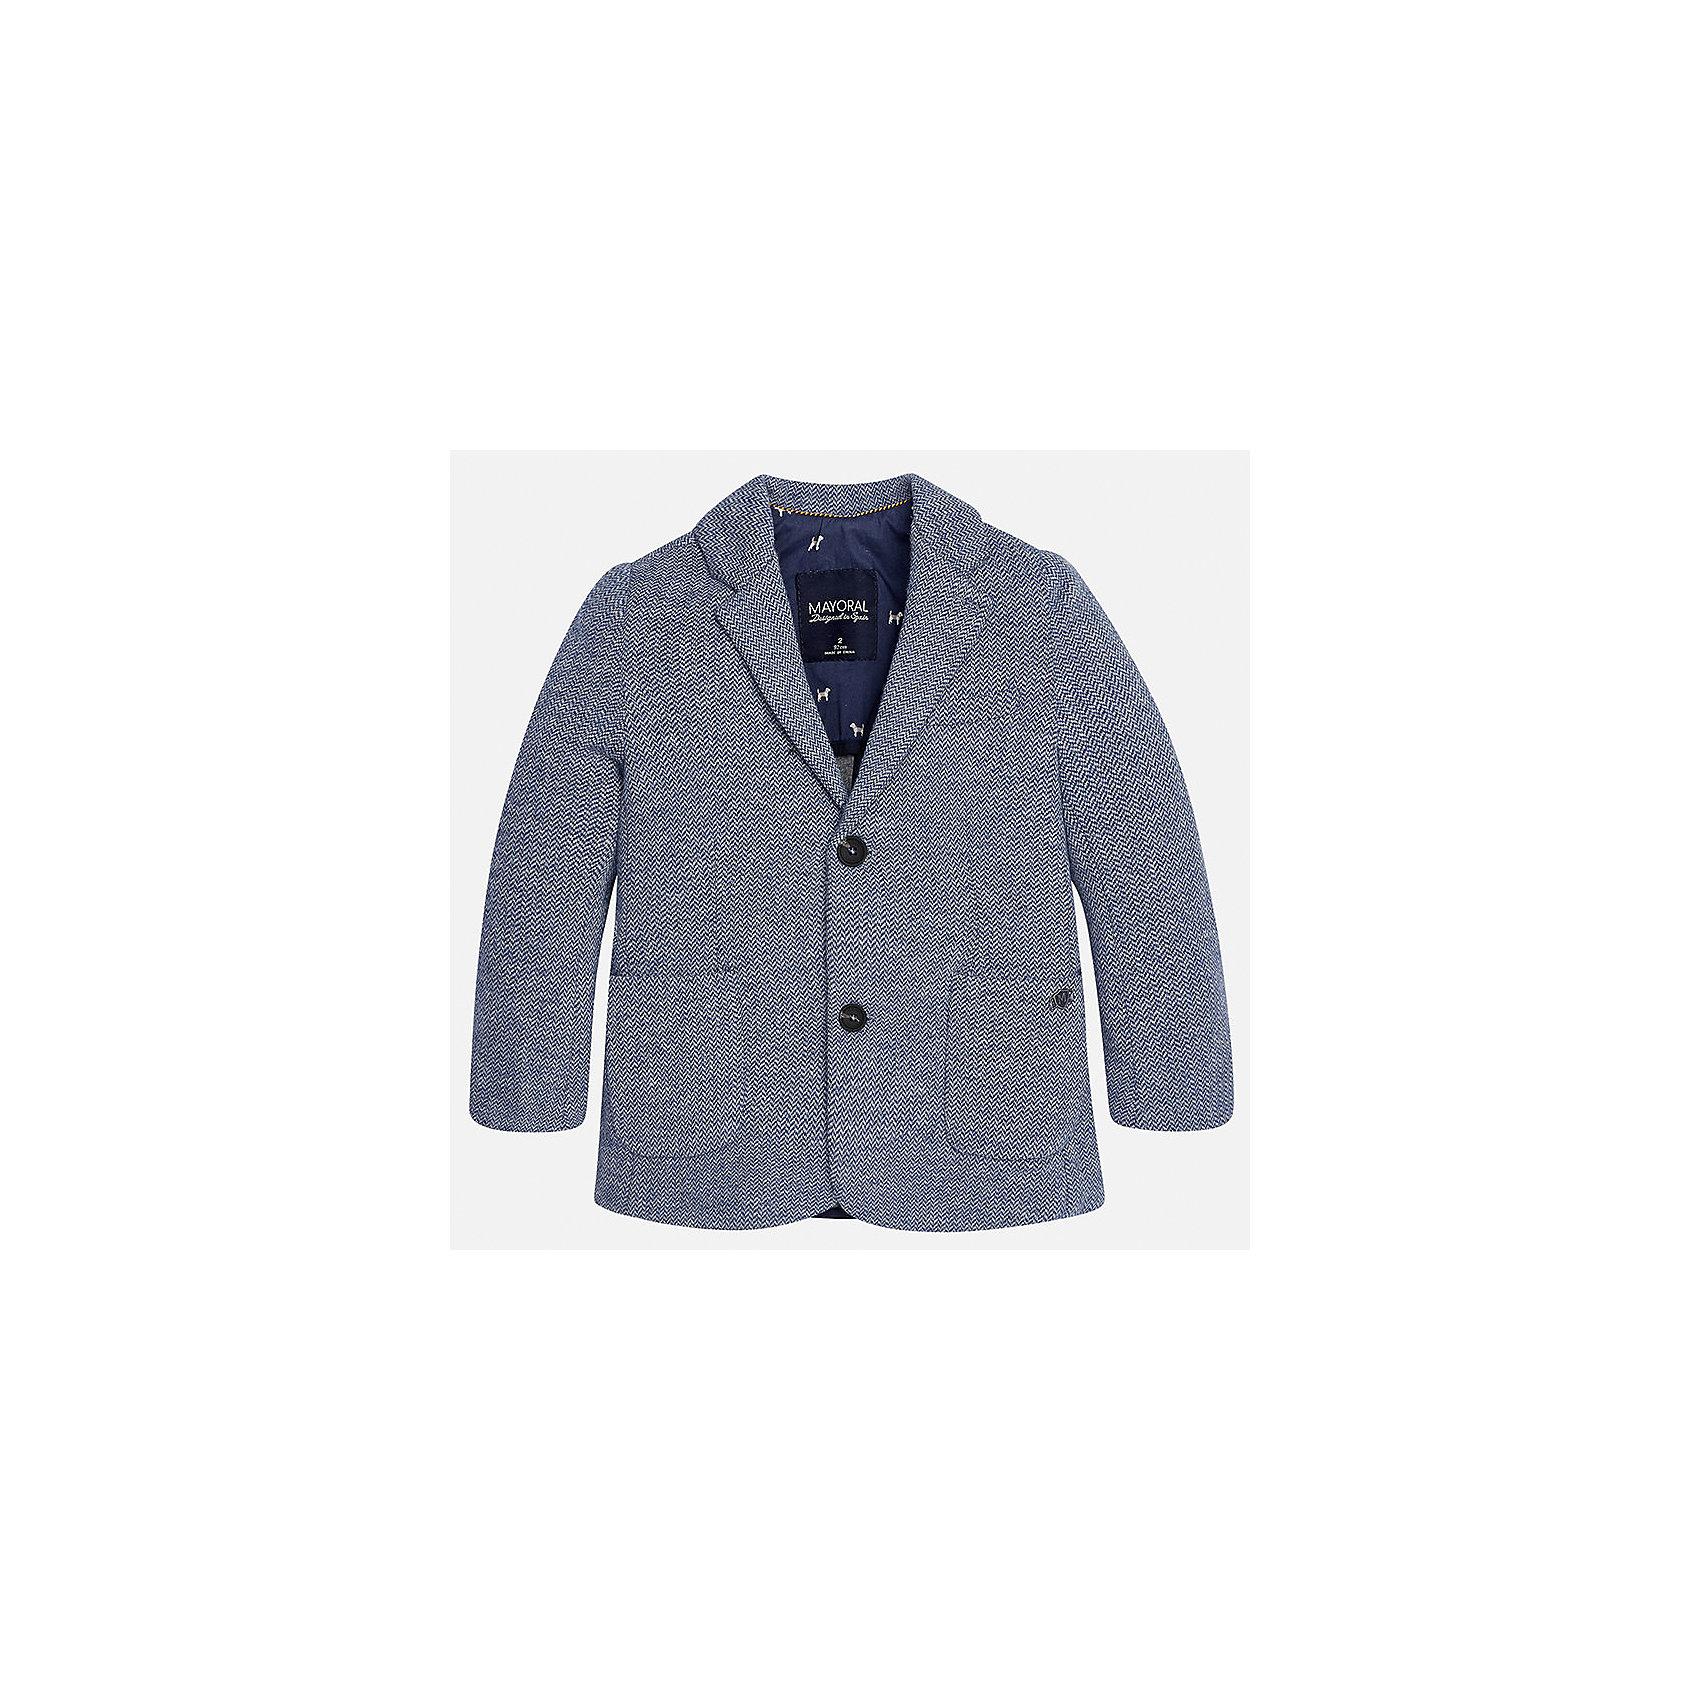 Пиджак для мальчика MayoralКостюмы и пиджаки<br>Характеристики товара:<br><br>• цвет: серый<br>• состав ткани: 53% хлопок, 35% полиэстер, 12% полиамид<br>• подкладка: 100% полиэстер<br>• сезон: демисезон<br>• особенности модели: школьная<br>• длинные рукава<br>• застежка: пуговицы<br>• страна бренда: Испания<br>• страна изготовитель: Индия<br><br>Черный классический детский пиджак для мальчика отлично подойдет для похода в школу или для торжественных случаев. Хороший способ обеспечить ребенку аккуратный внешний вид и комфорт - надеть детский пиджак от Mayoral. Детский пиджак сшит из приятного на ощупь материала. <br><br>Пиджак для мальчика Mayoral (Майорал) можно купить в нашем интернет-магазине.<br><br>Ширина мм: 190<br>Глубина мм: 74<br>Высота мм: 229<br>Вес г: 236<br>Цвет: серый<br>Возраст от месяцев: 72<br>Возраст до месяцев: 84<br>Пол: Мужской<br>Возраст: Детский<br>Размер: 122,128,134,92,98,104,110,116<br>SKU: 6934697